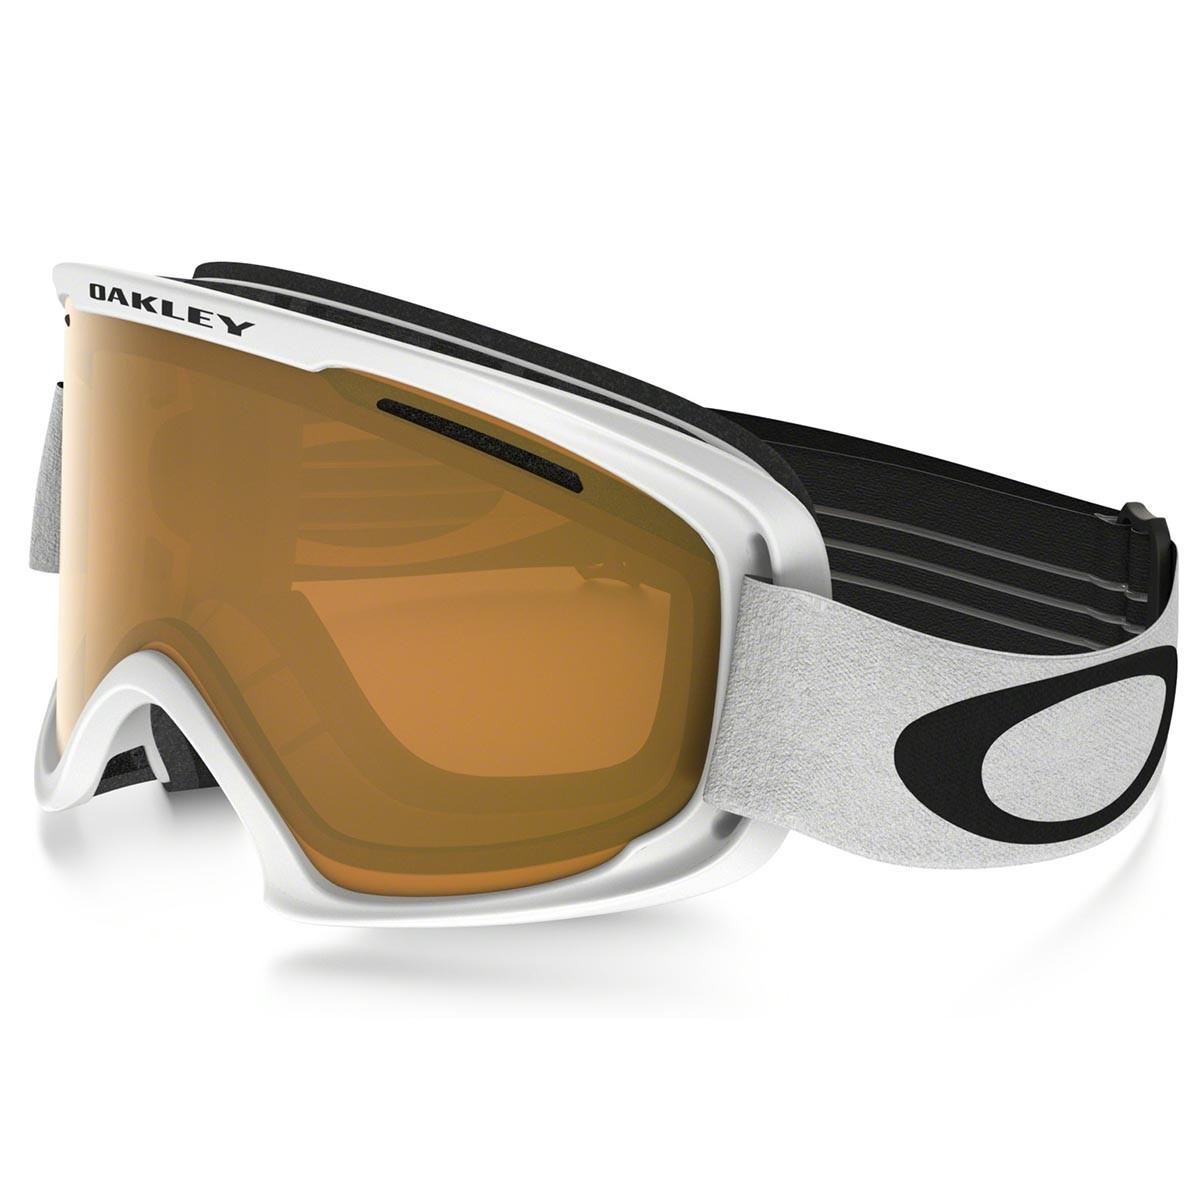 Купить Очки горнолыжные Oakley O2 XM MATTE WHITE/PERSIMMON/, горнолыжные, 1354139